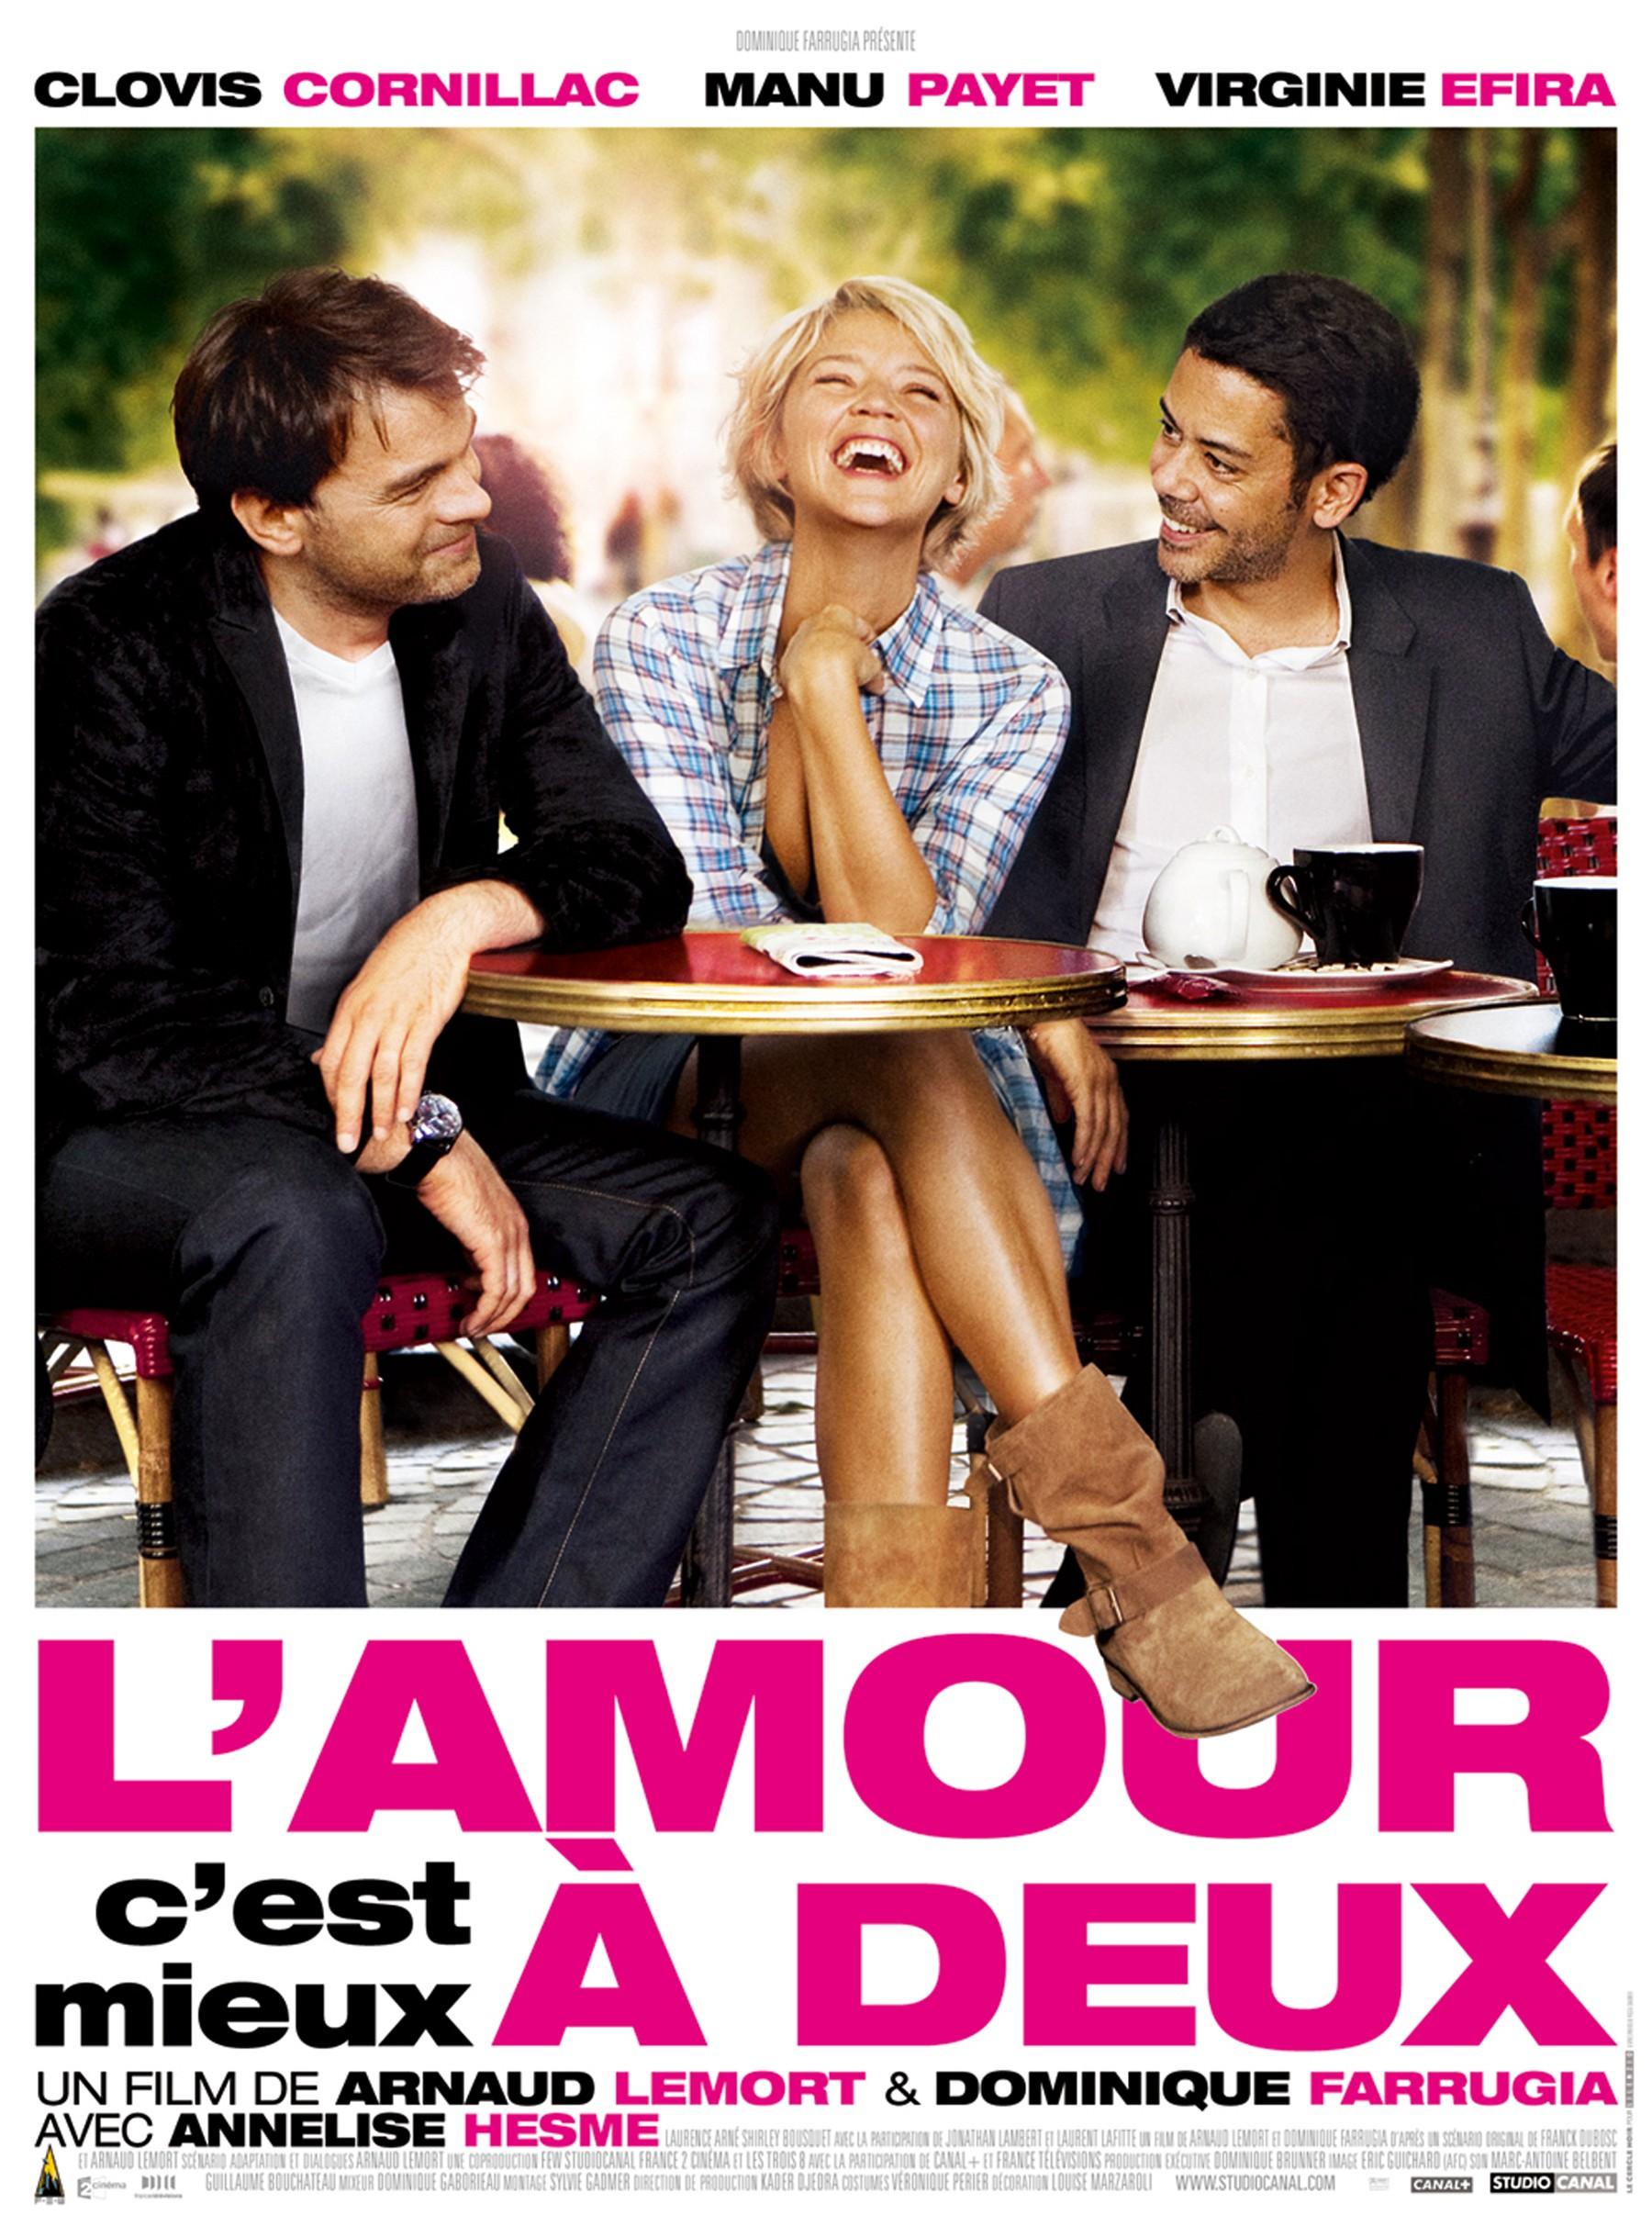 Lamour est dans le pré en direct sur internet